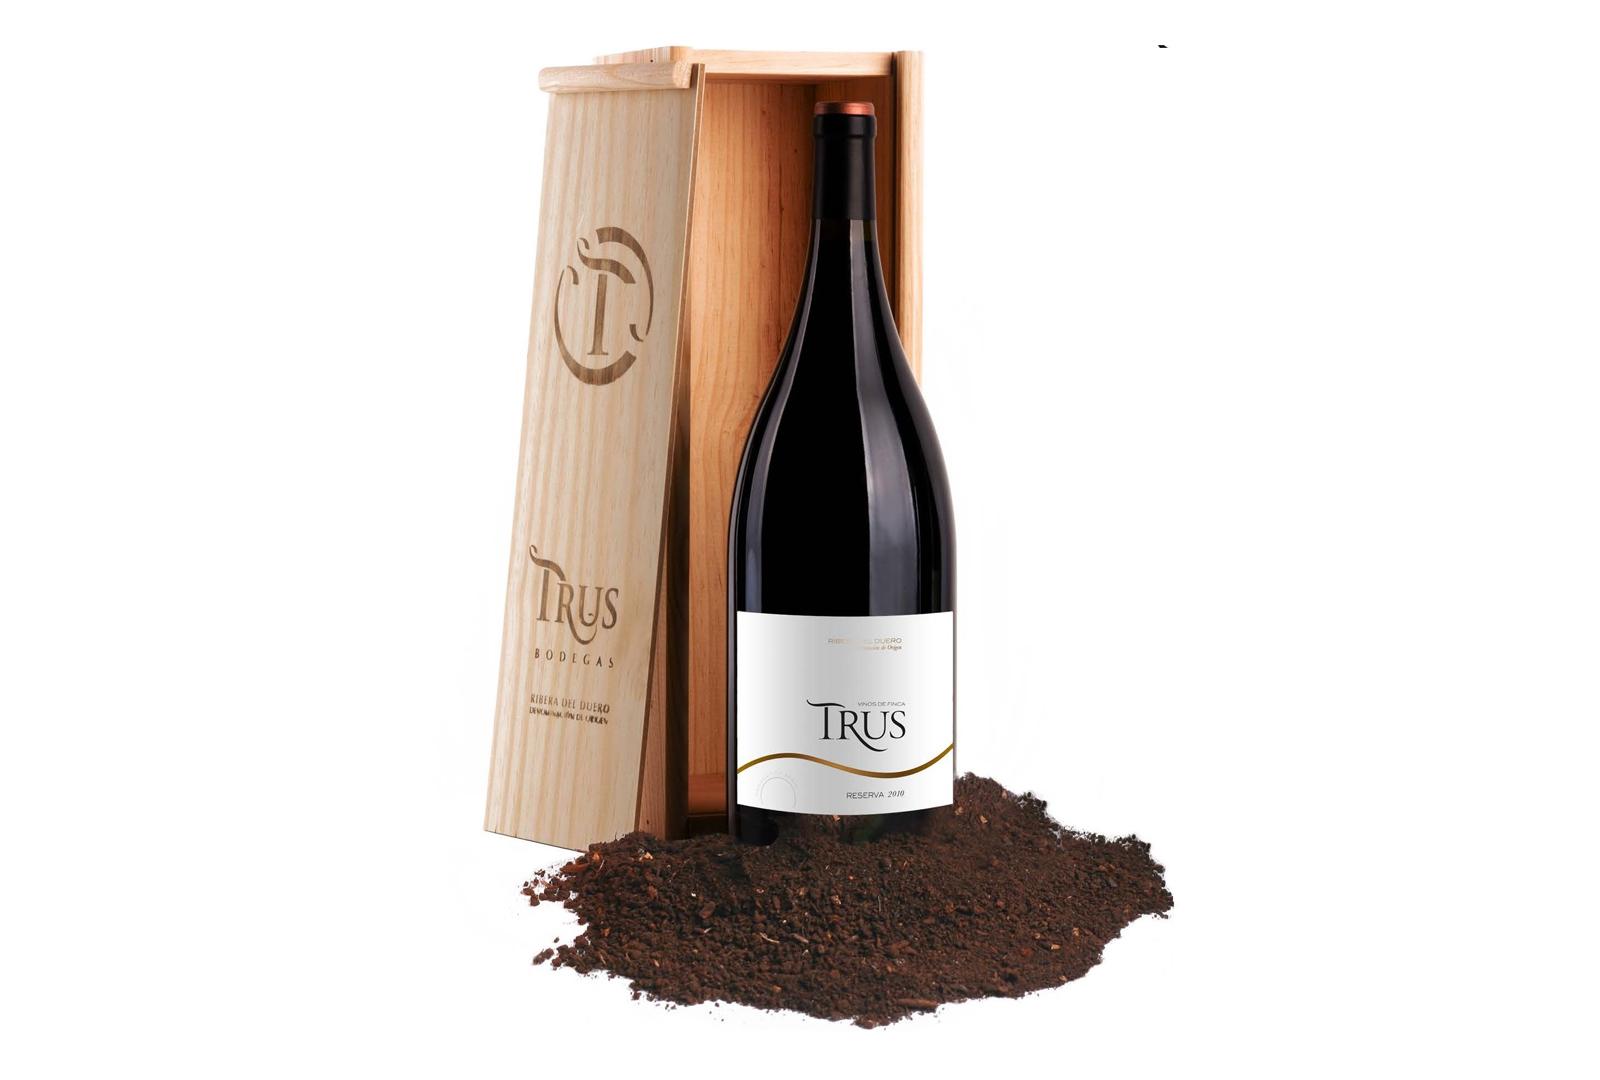 Trus Reserva 2011, un vino redondo y equilibrado.